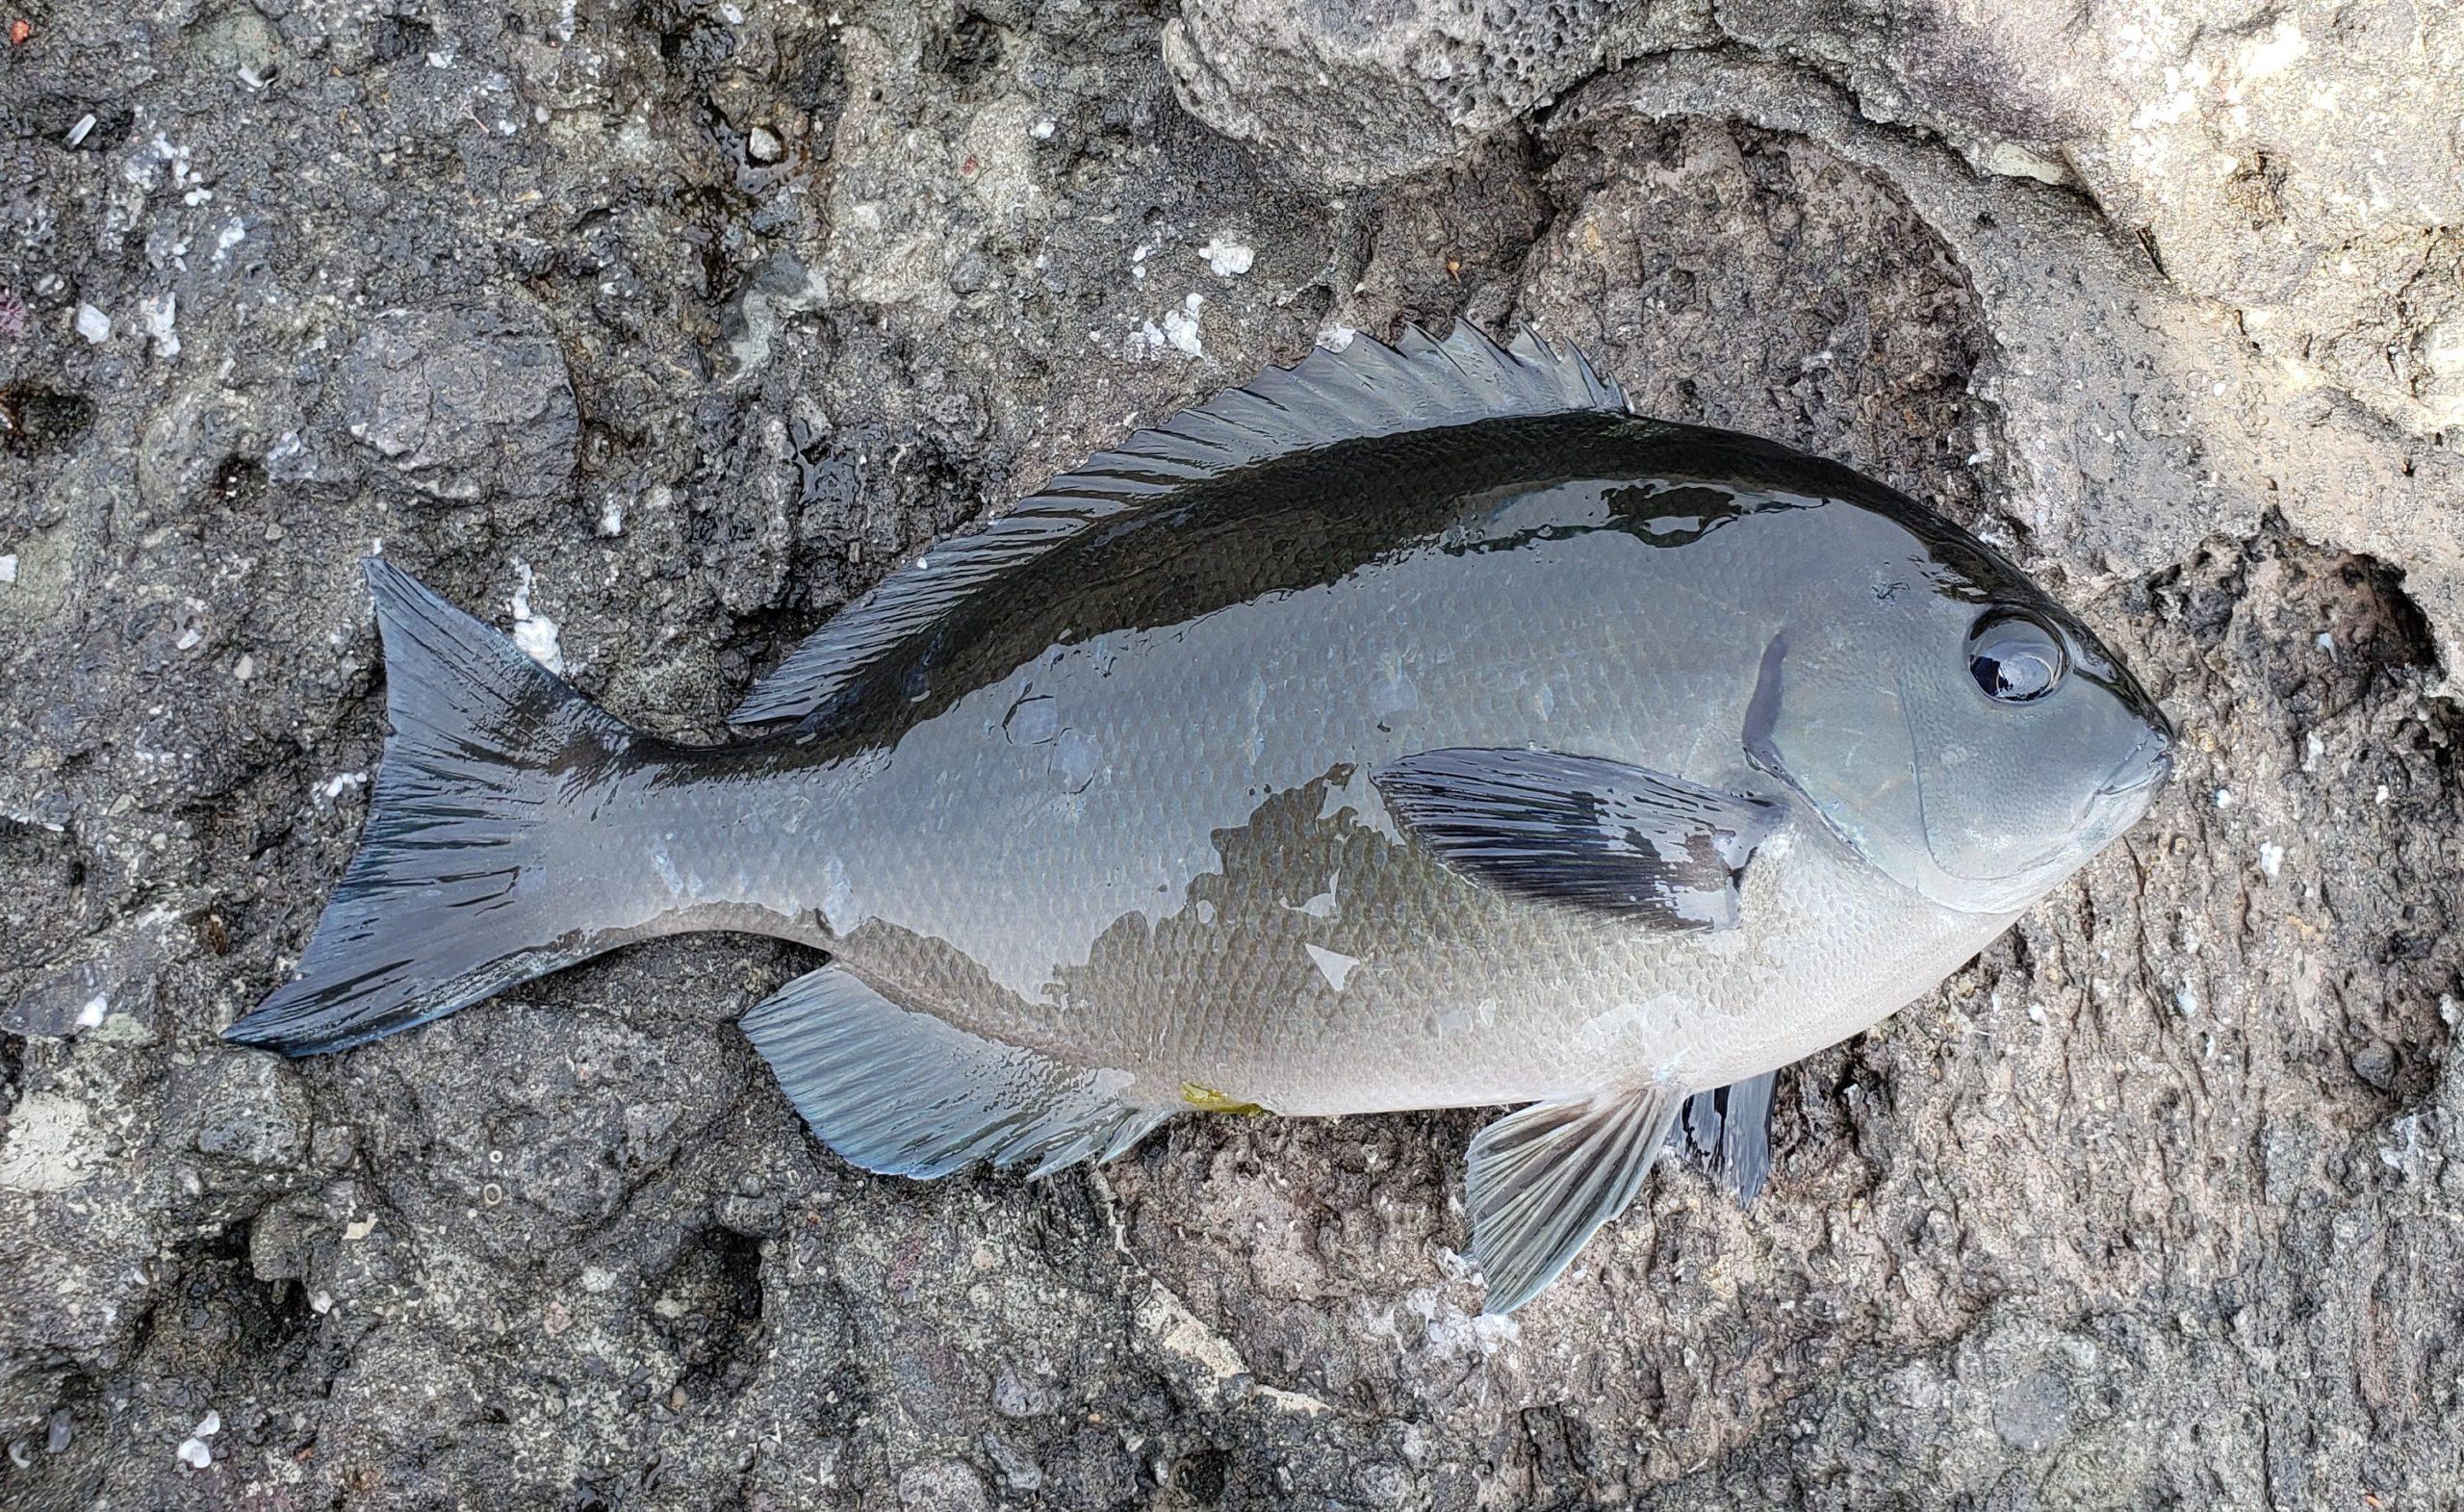 釣りの穴場を見つける方法